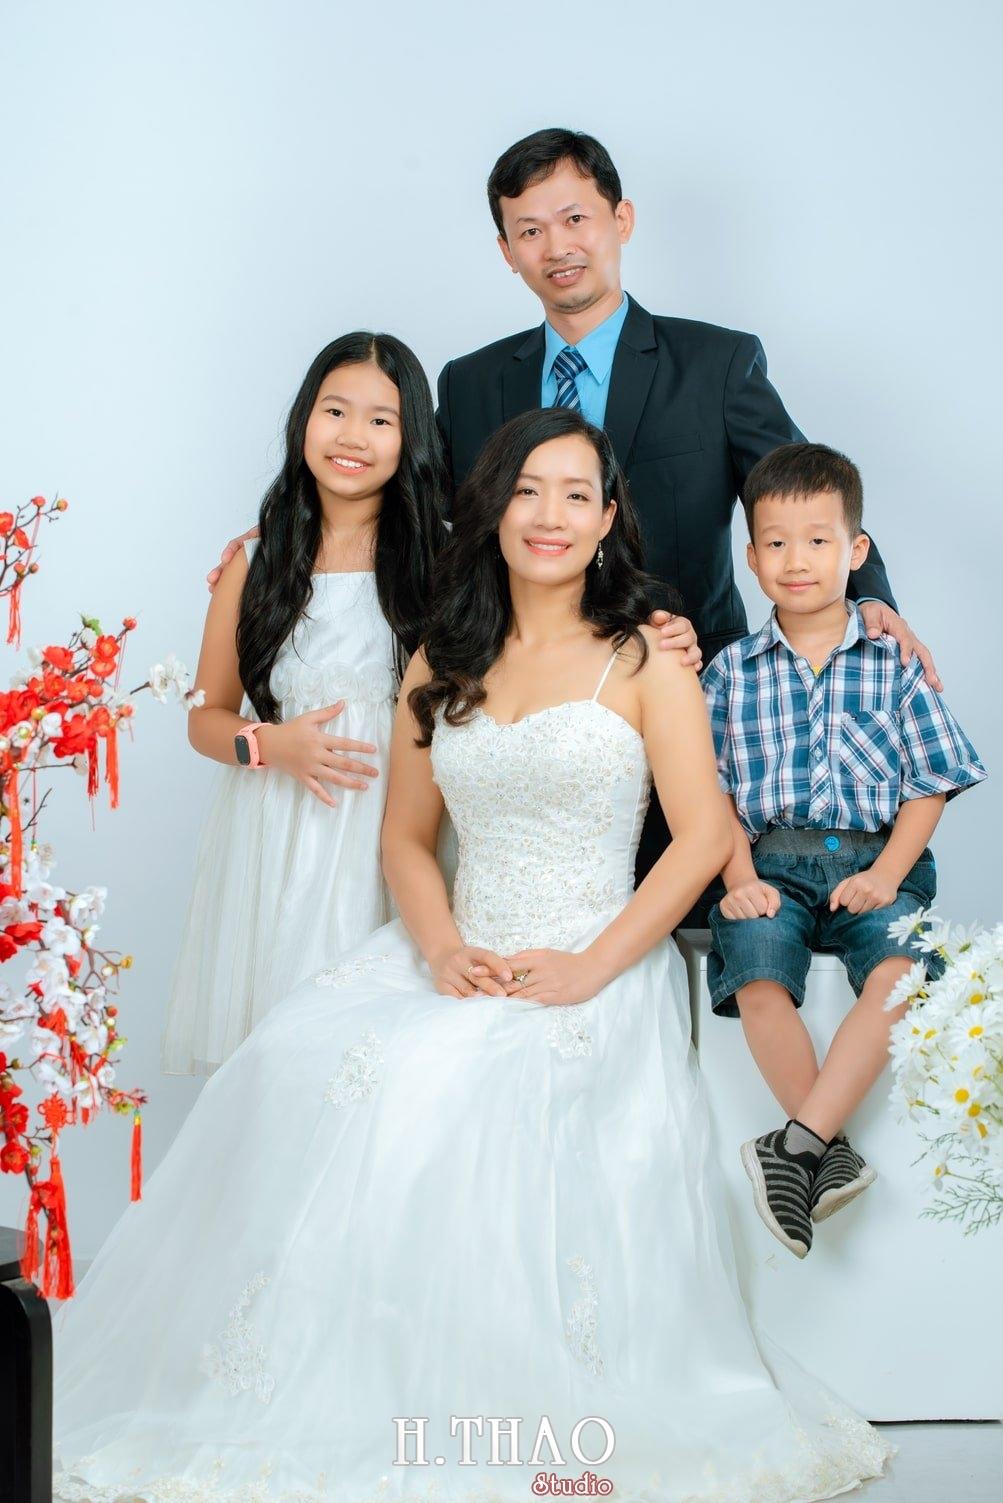 Anh tet gia dinh 2 - Dịch vụ chụp ảnh kỷ niệm ngày cưới - HThao Studio